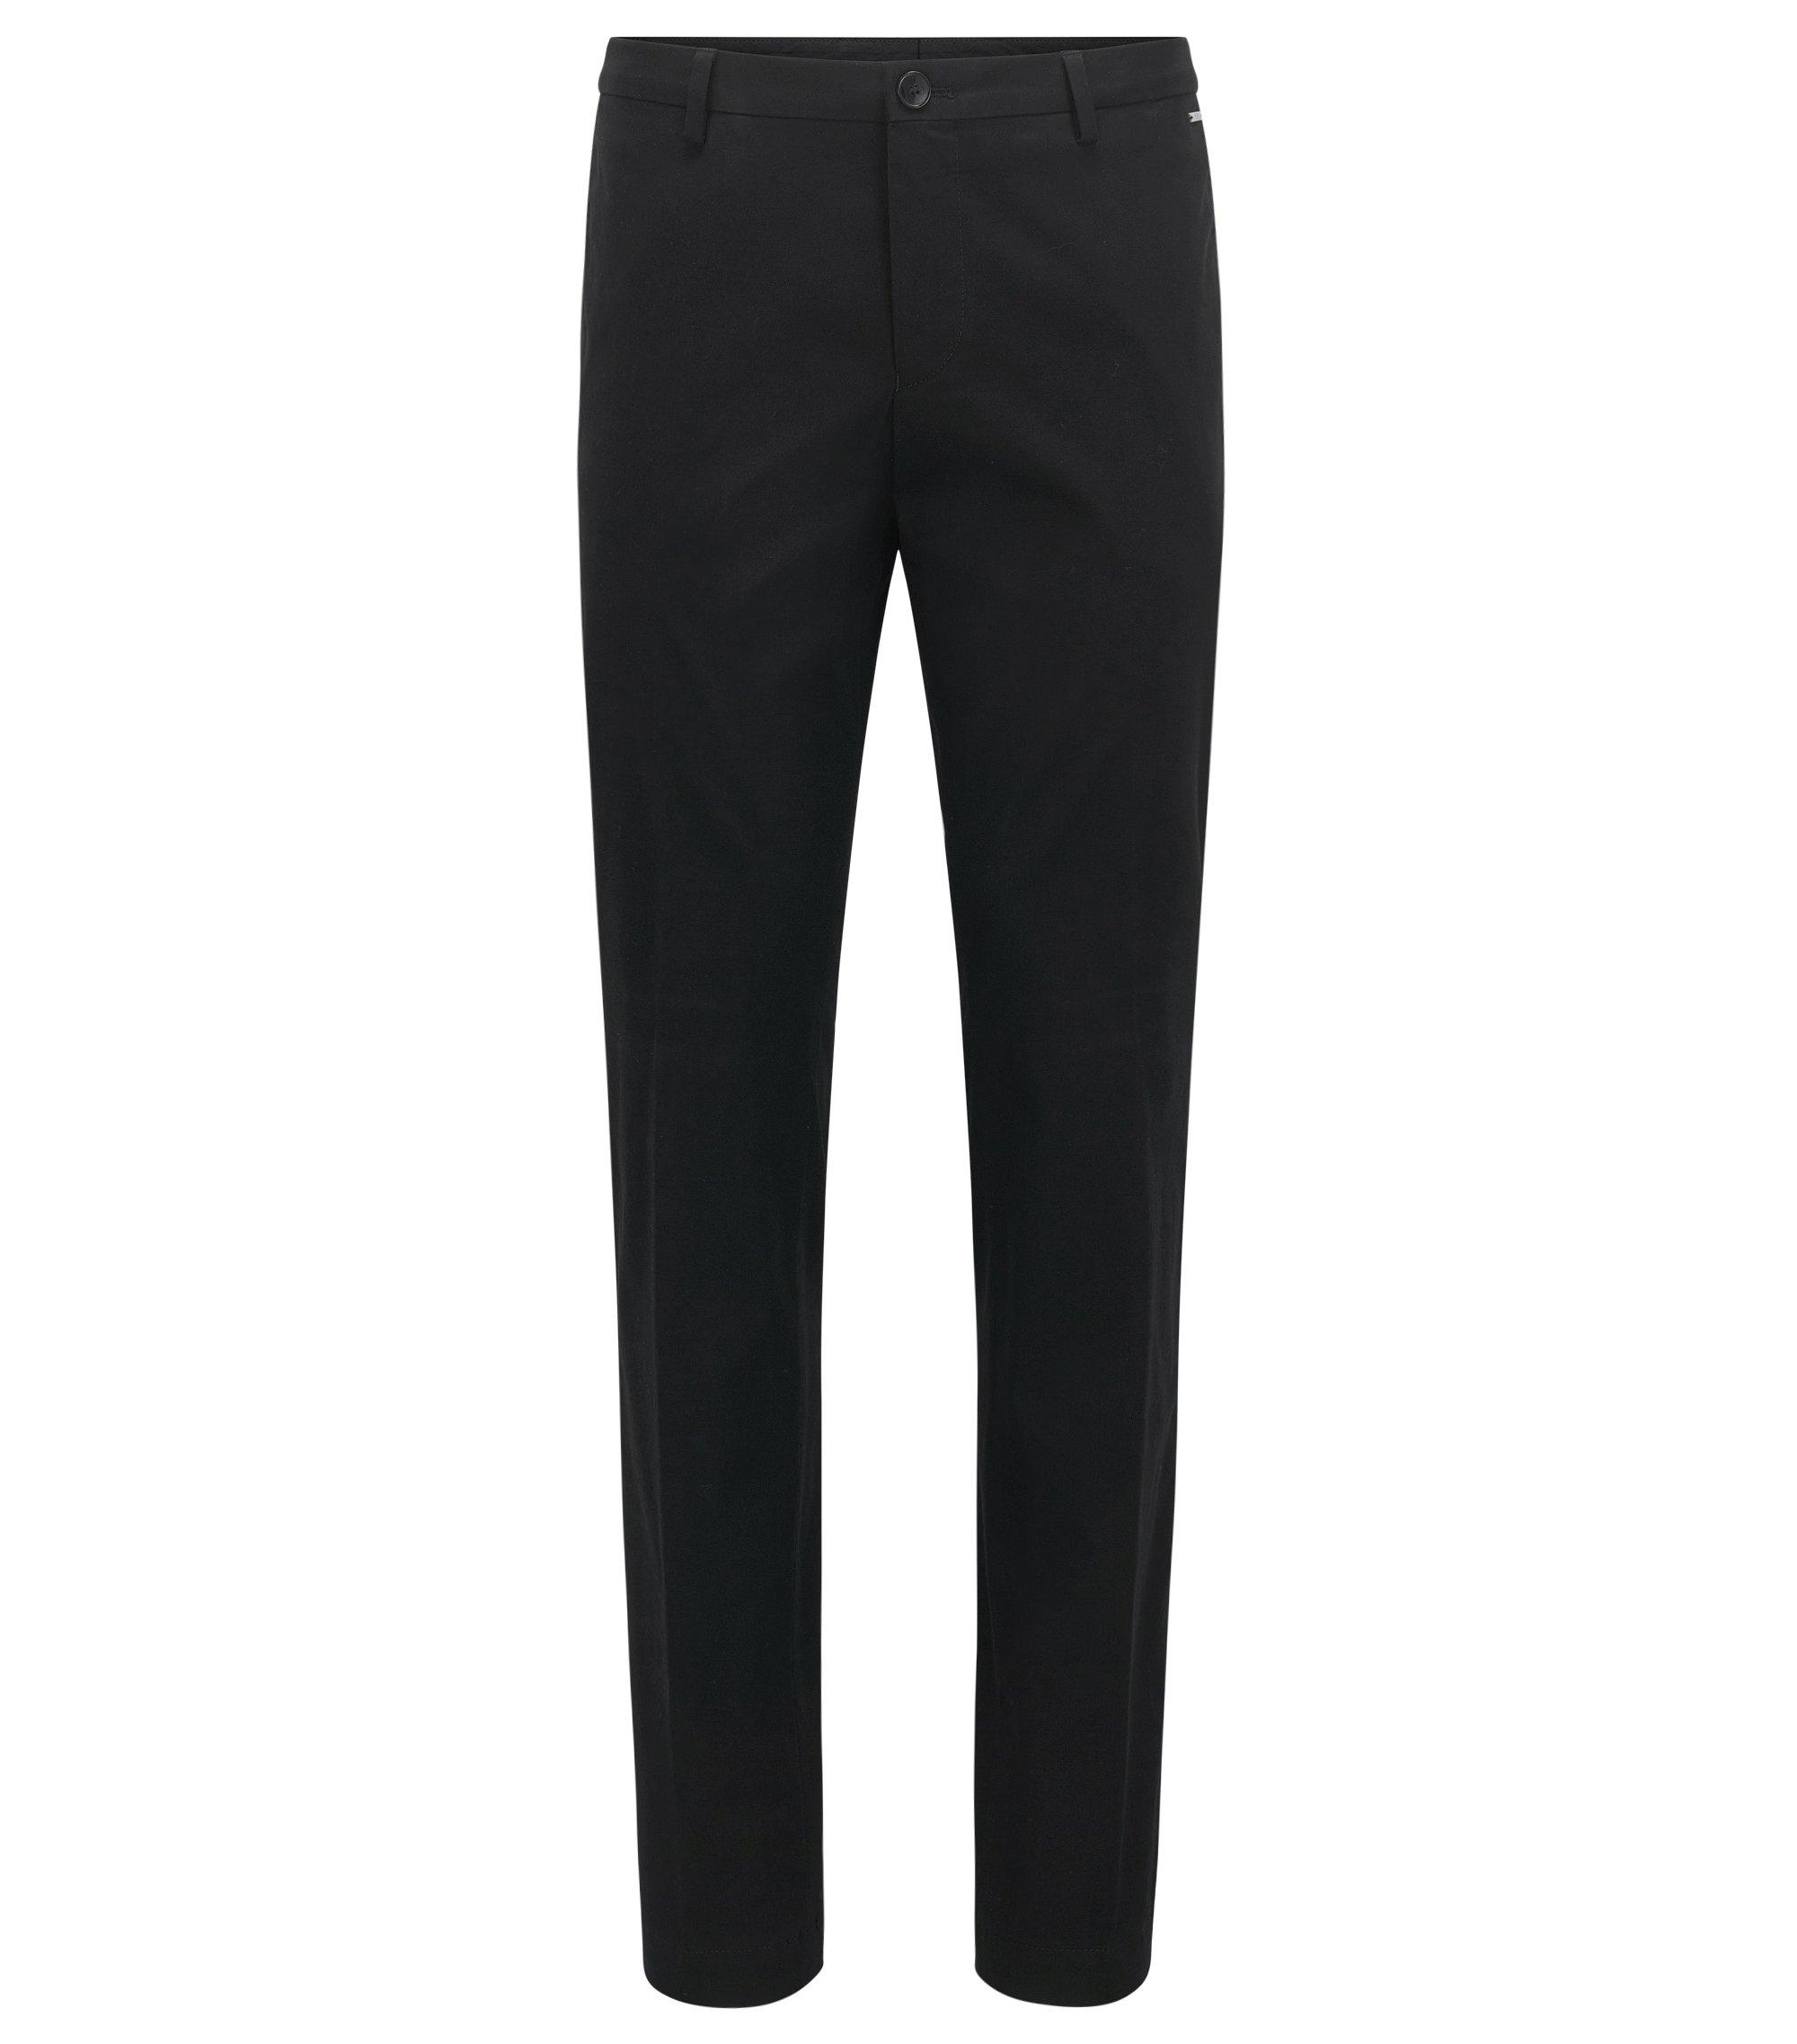 Pantaloni slim fit in cotone elasticizzato, Nero